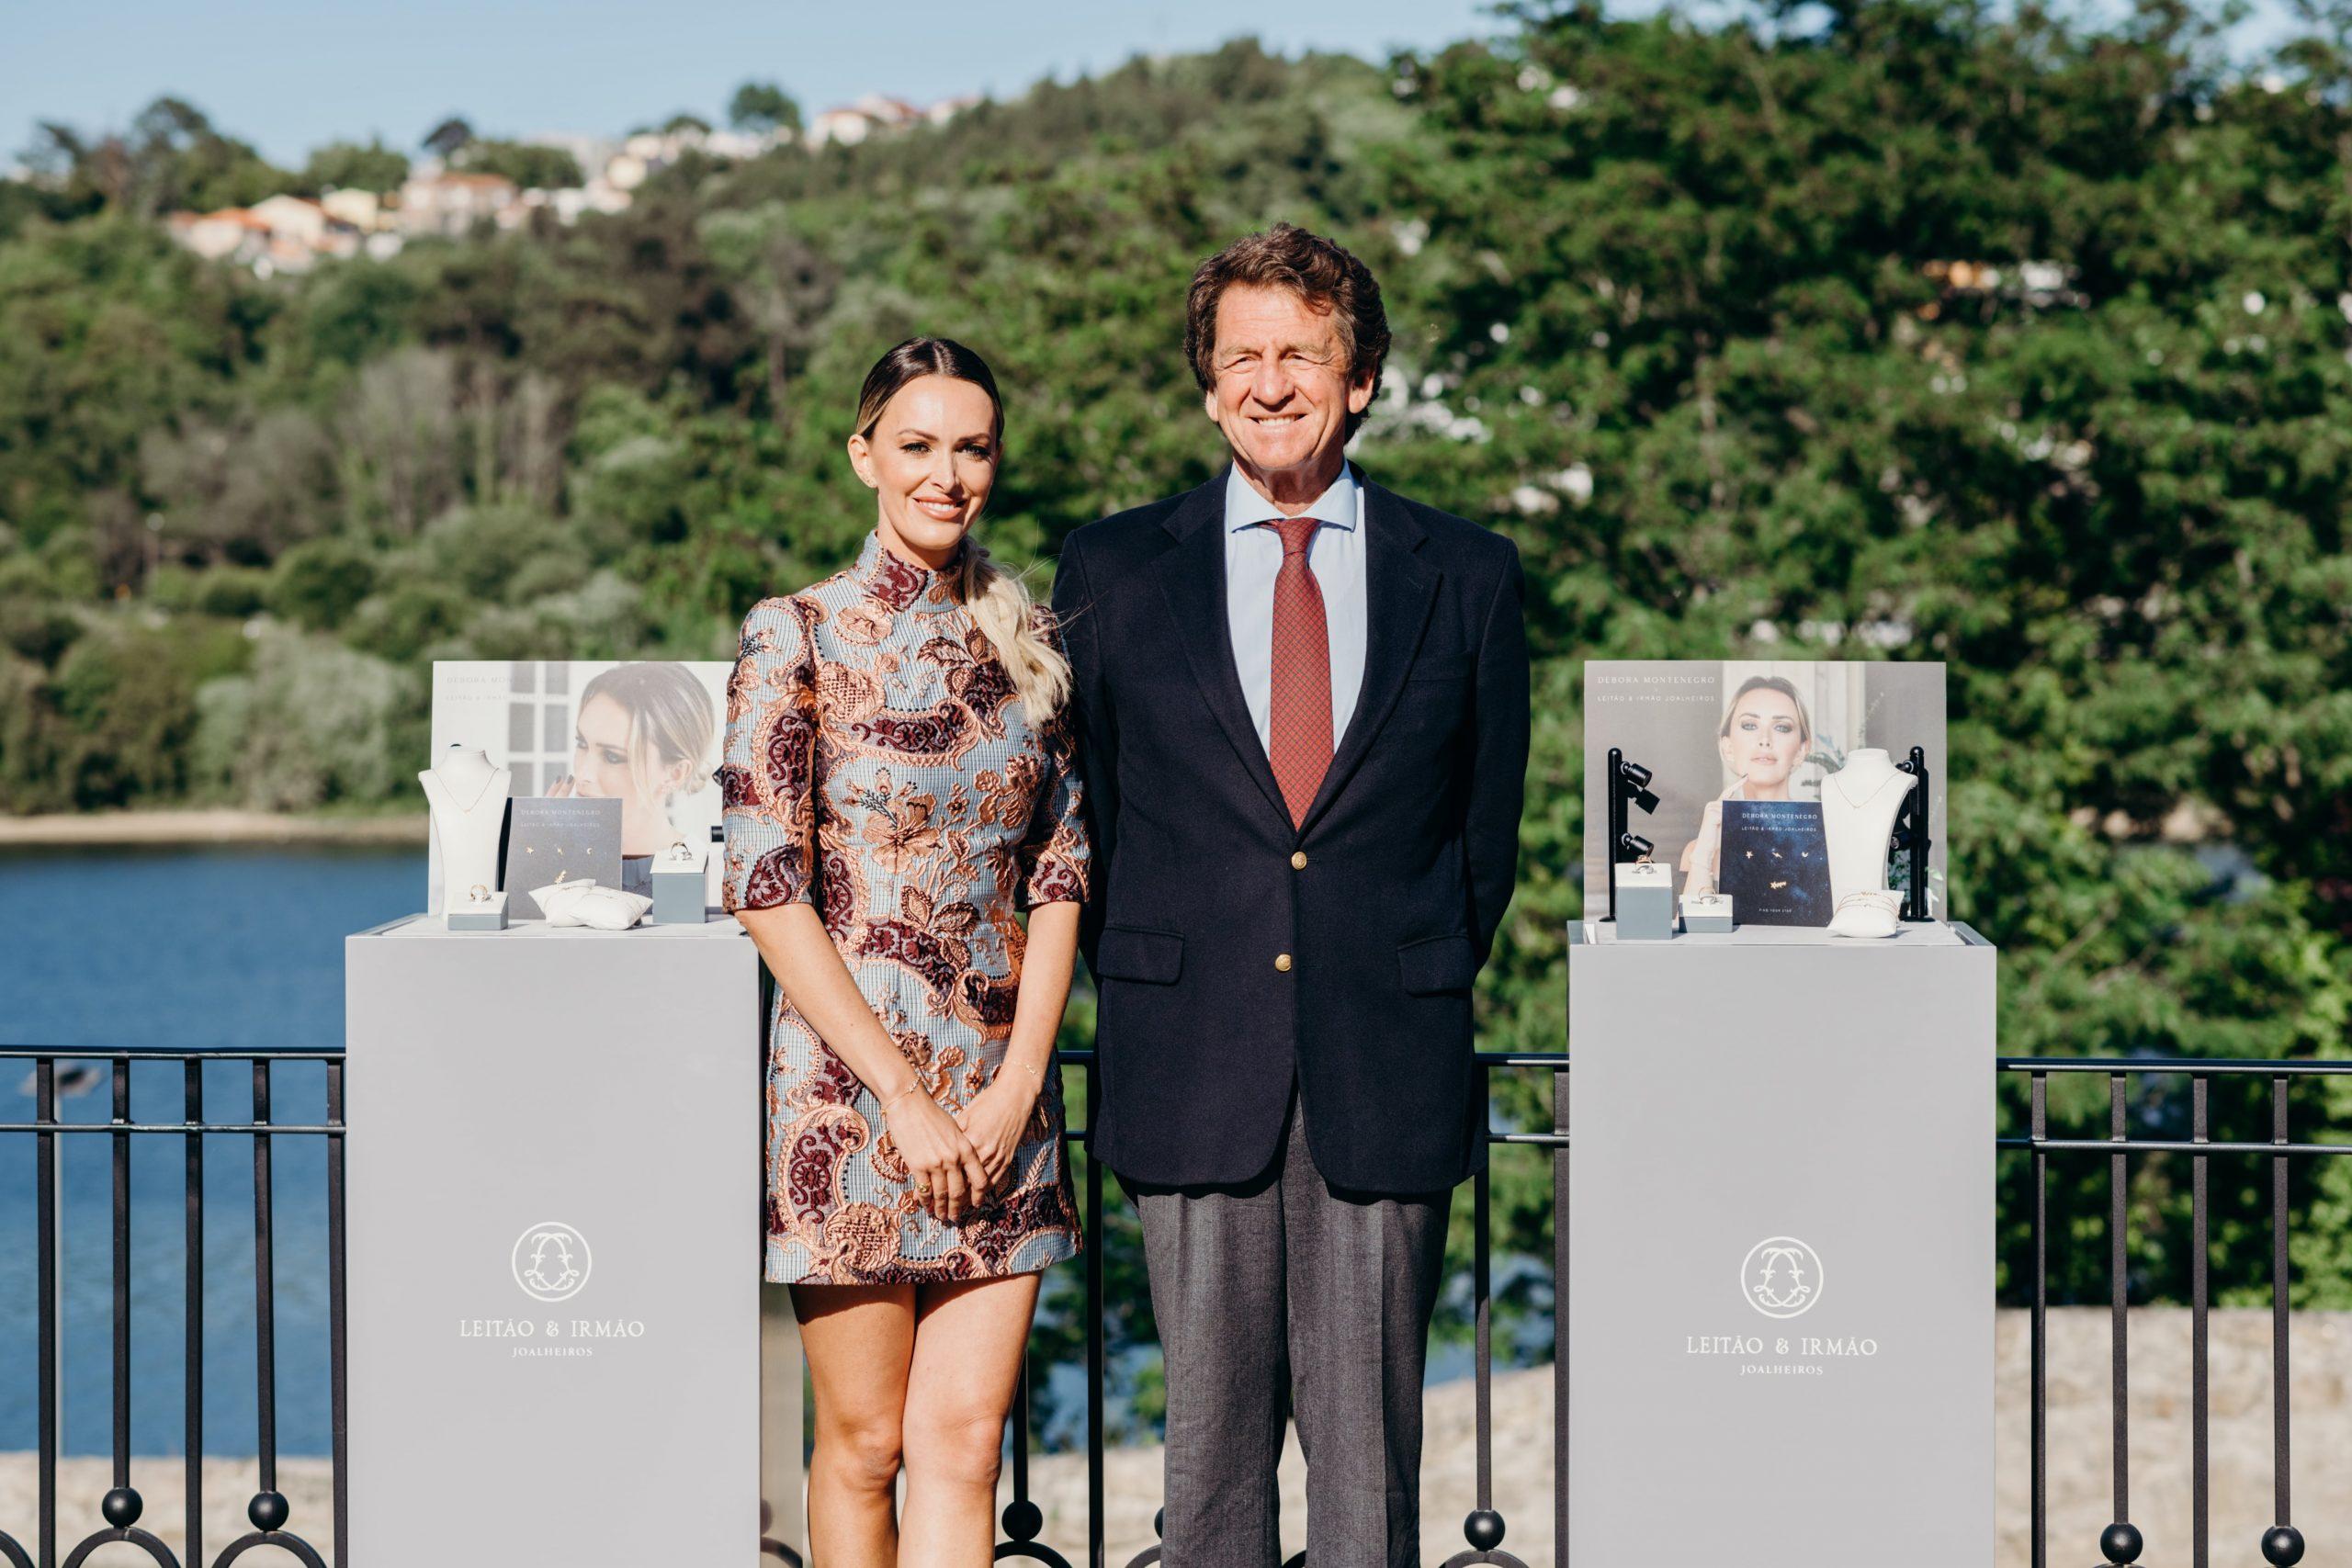 Imagem da notícia: Apresentação da coleção Débora Montenegro x Leitão & Irmão